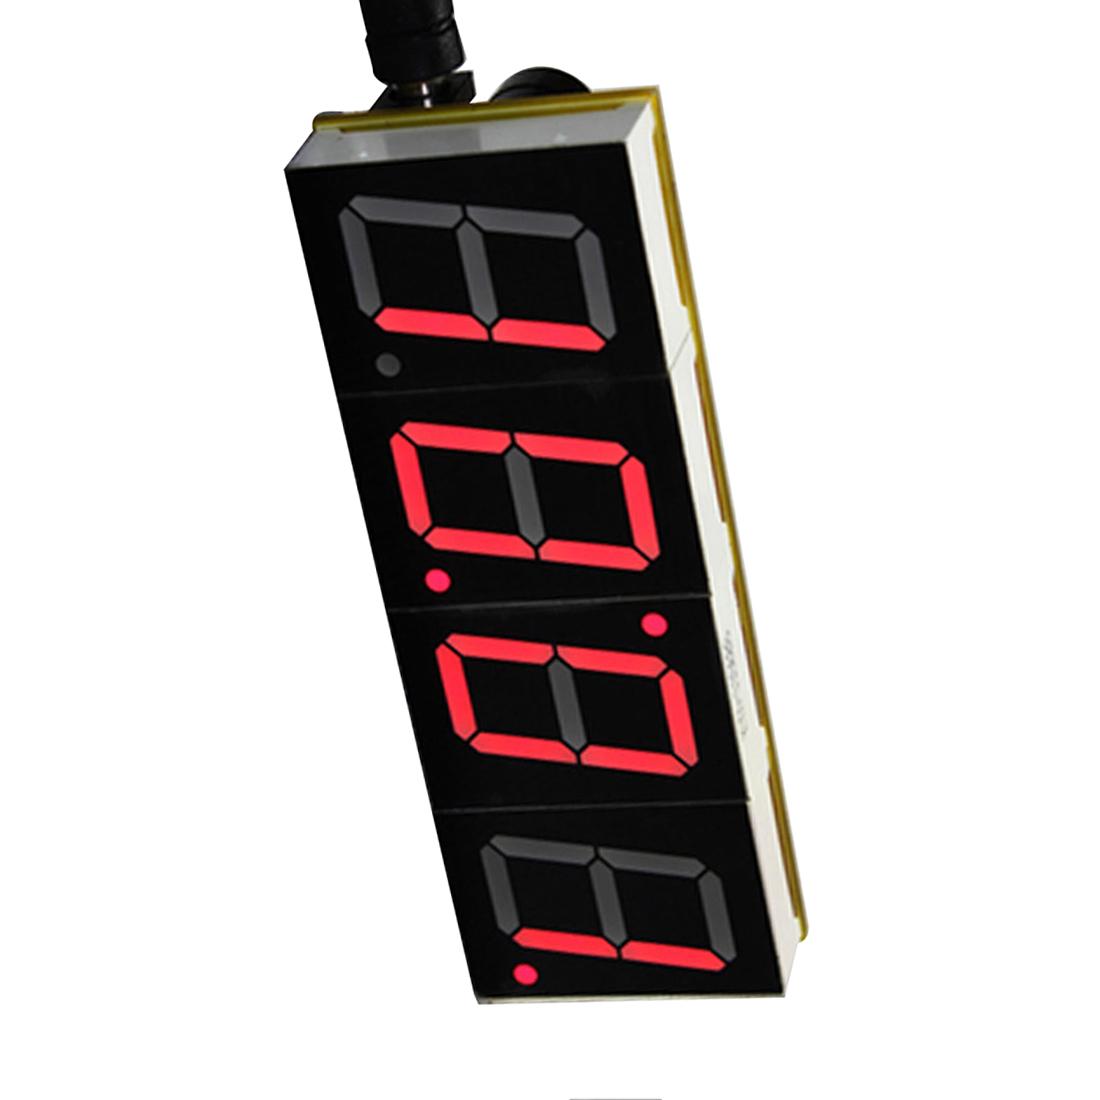 diy digital led large screen display clock kit q3r2 ebay. Black Bedroom Furniture Sets. Home Design Ideas